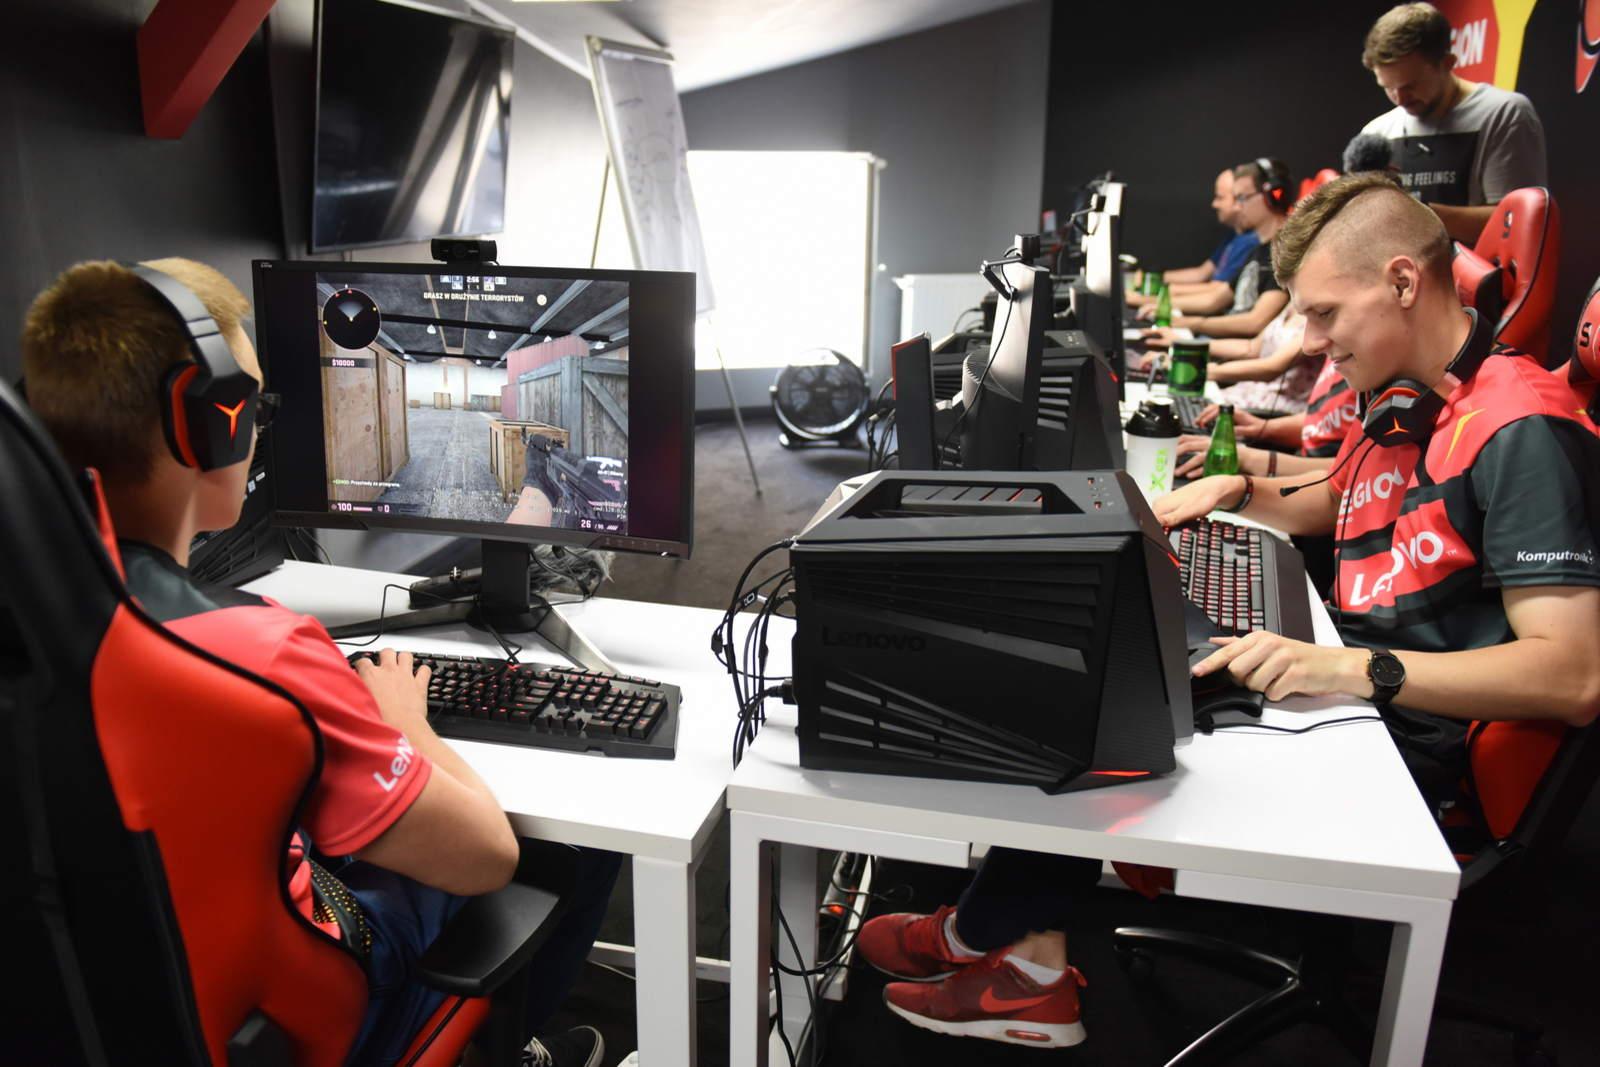 The Legion ekipa e-sportowa - zdjęcie 5